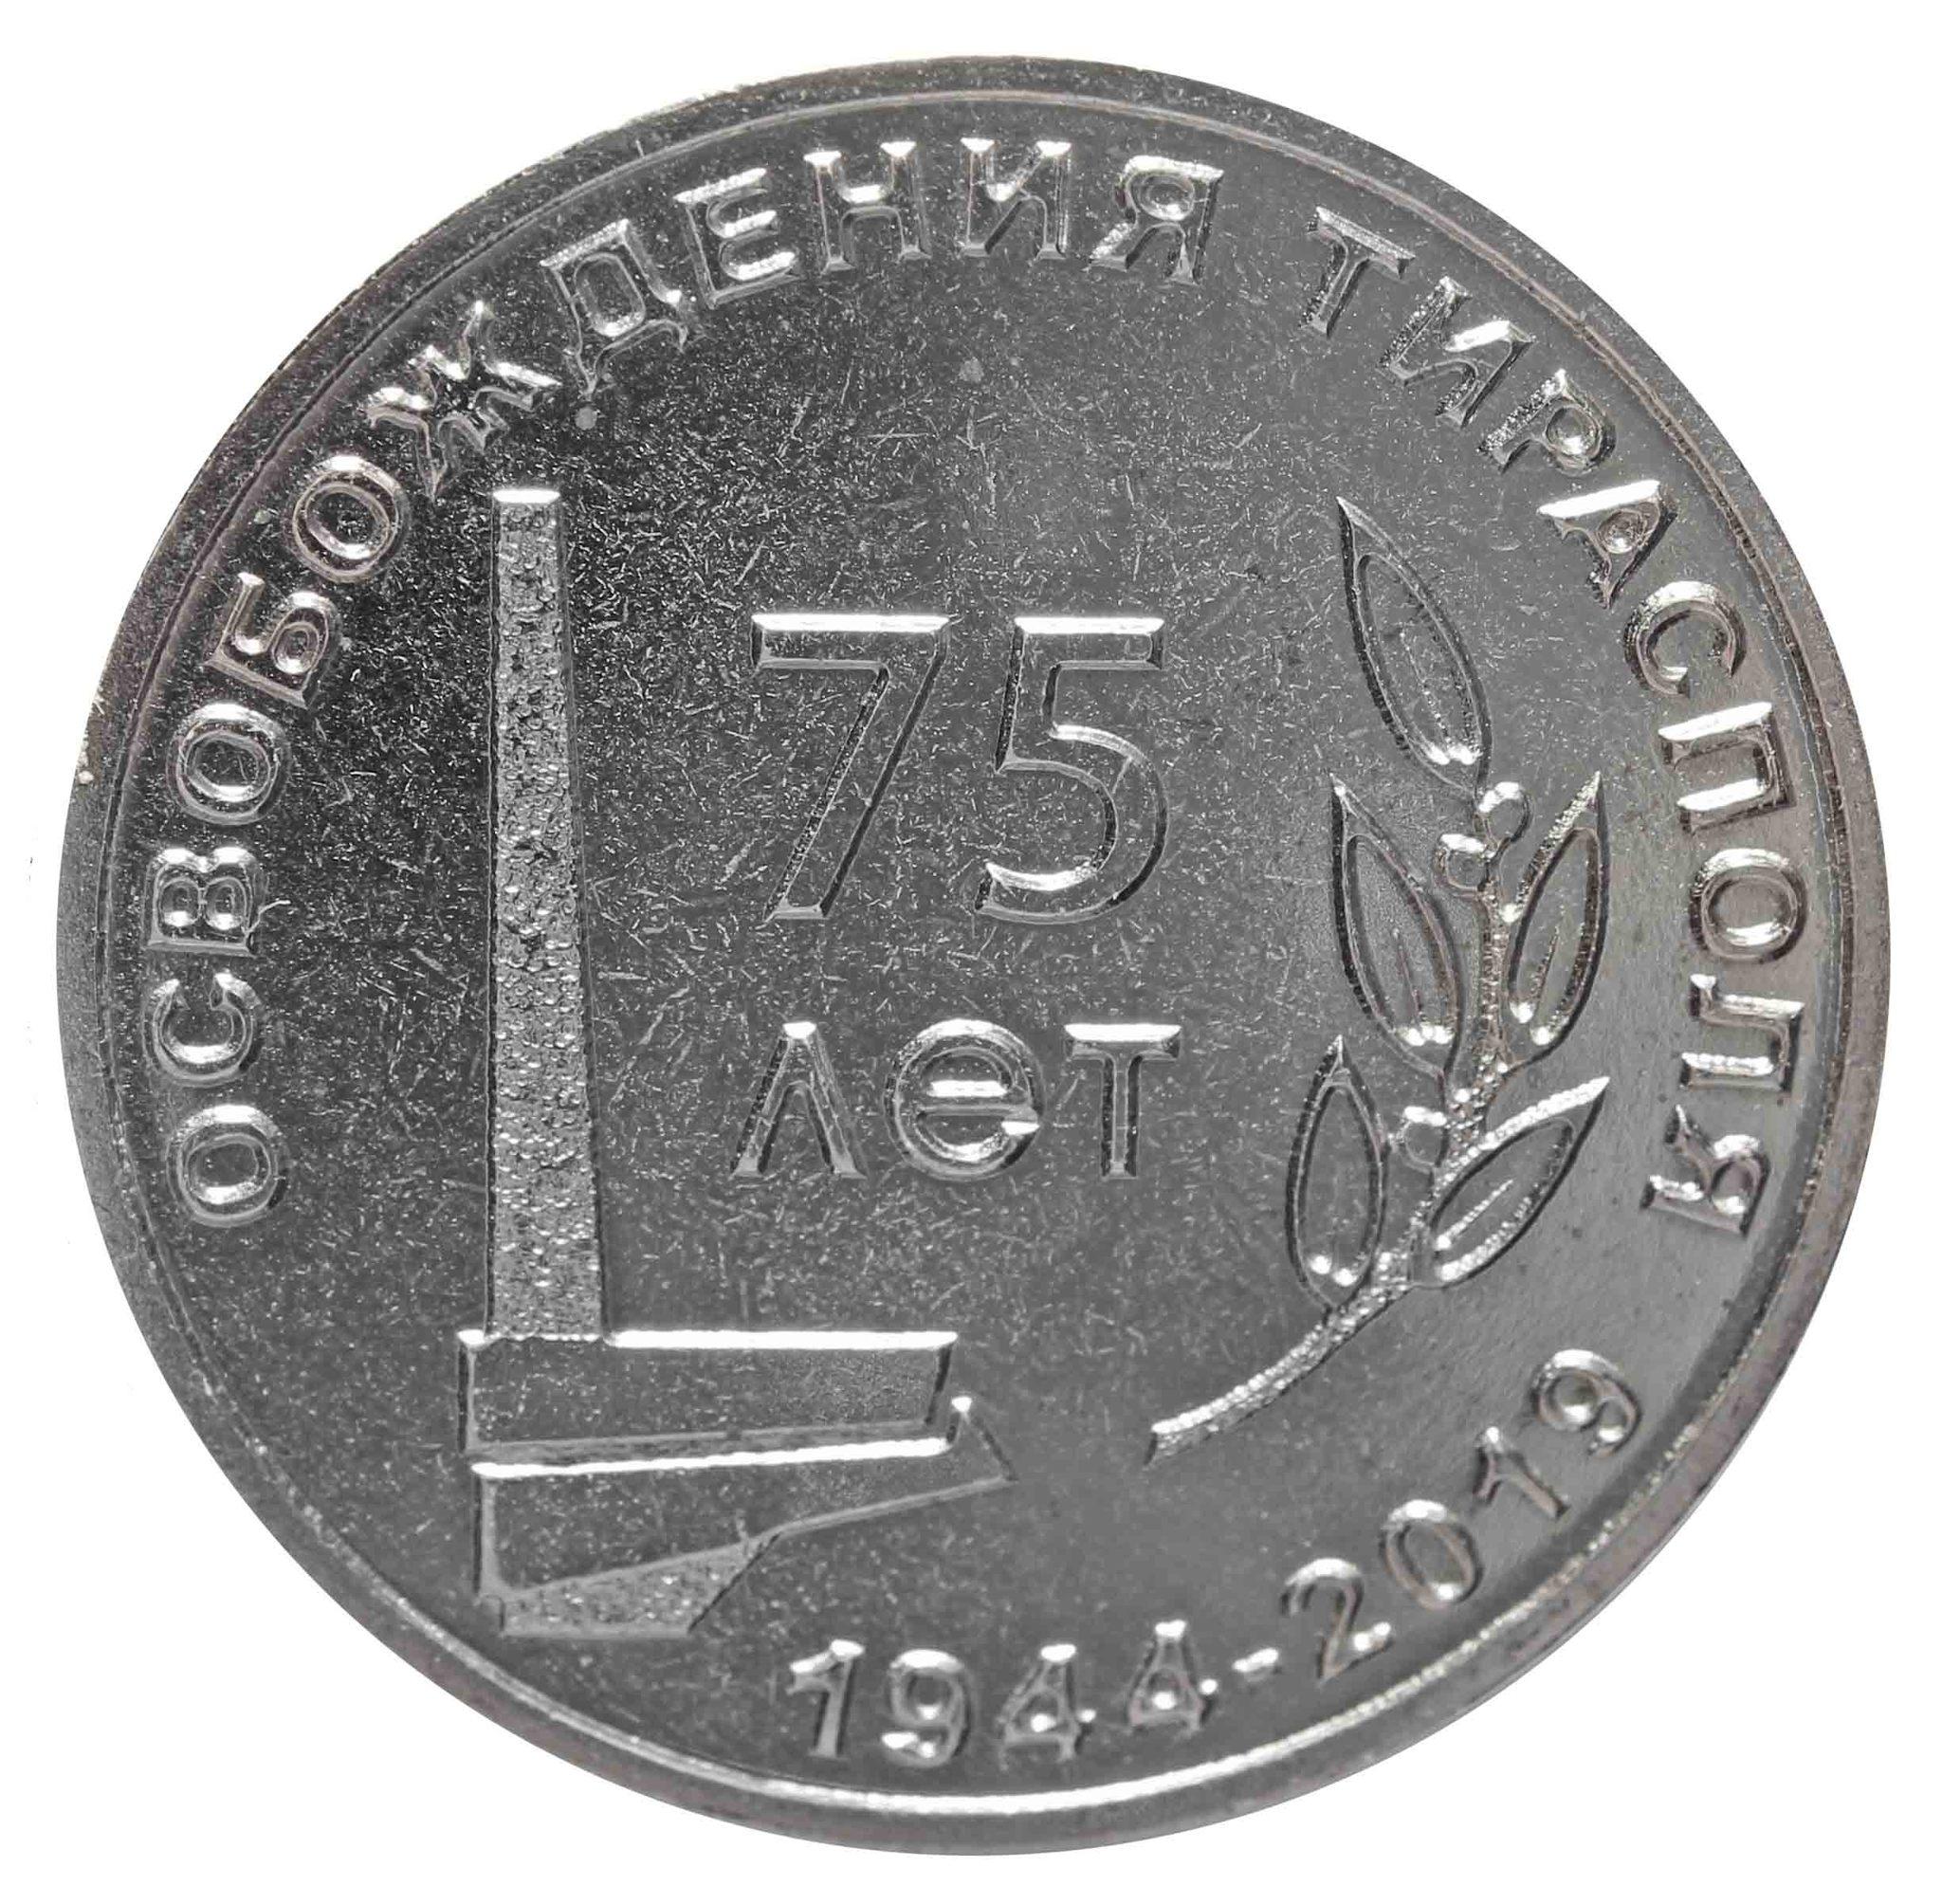 25 рублей. 75 лет освобождения г. Тирасполя. Приднестровье. 2019 год